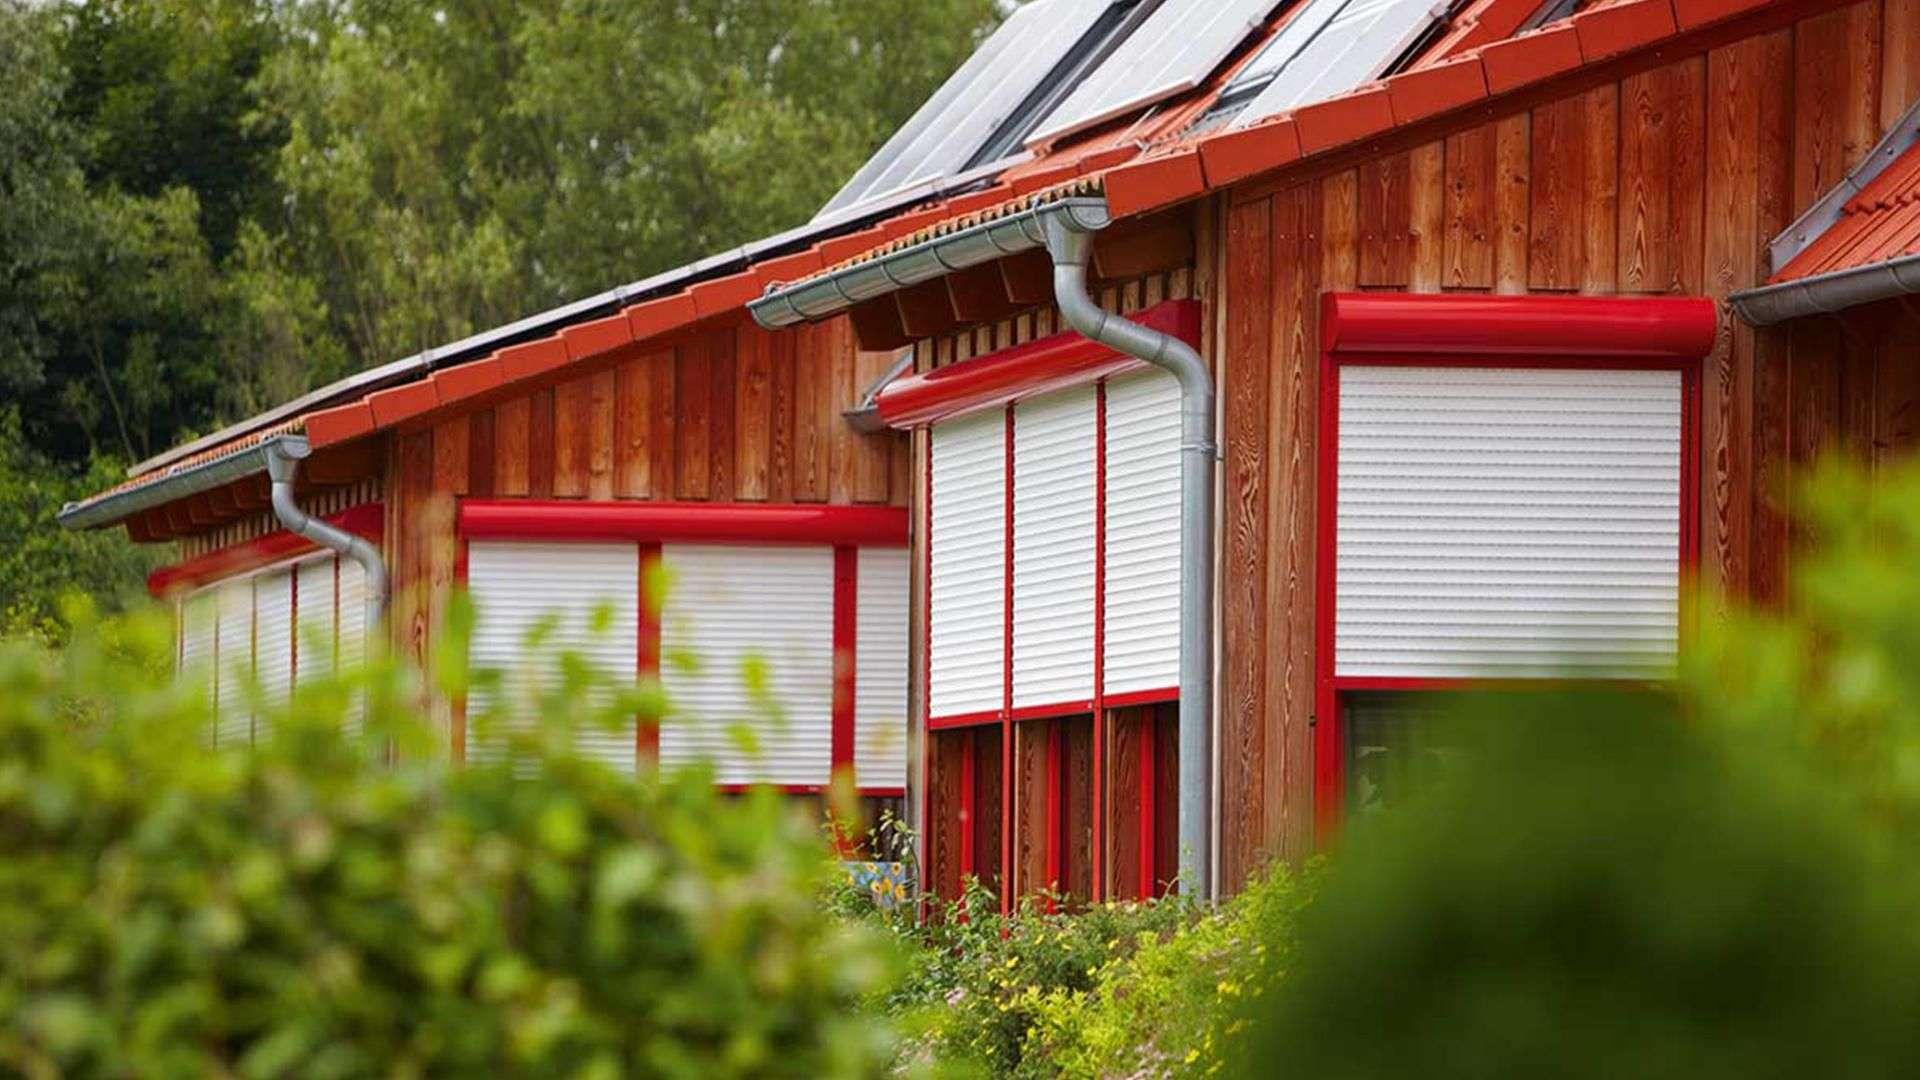 Seitenansicht auf ein Holzhaus mit Rollläden vor den Fenstern